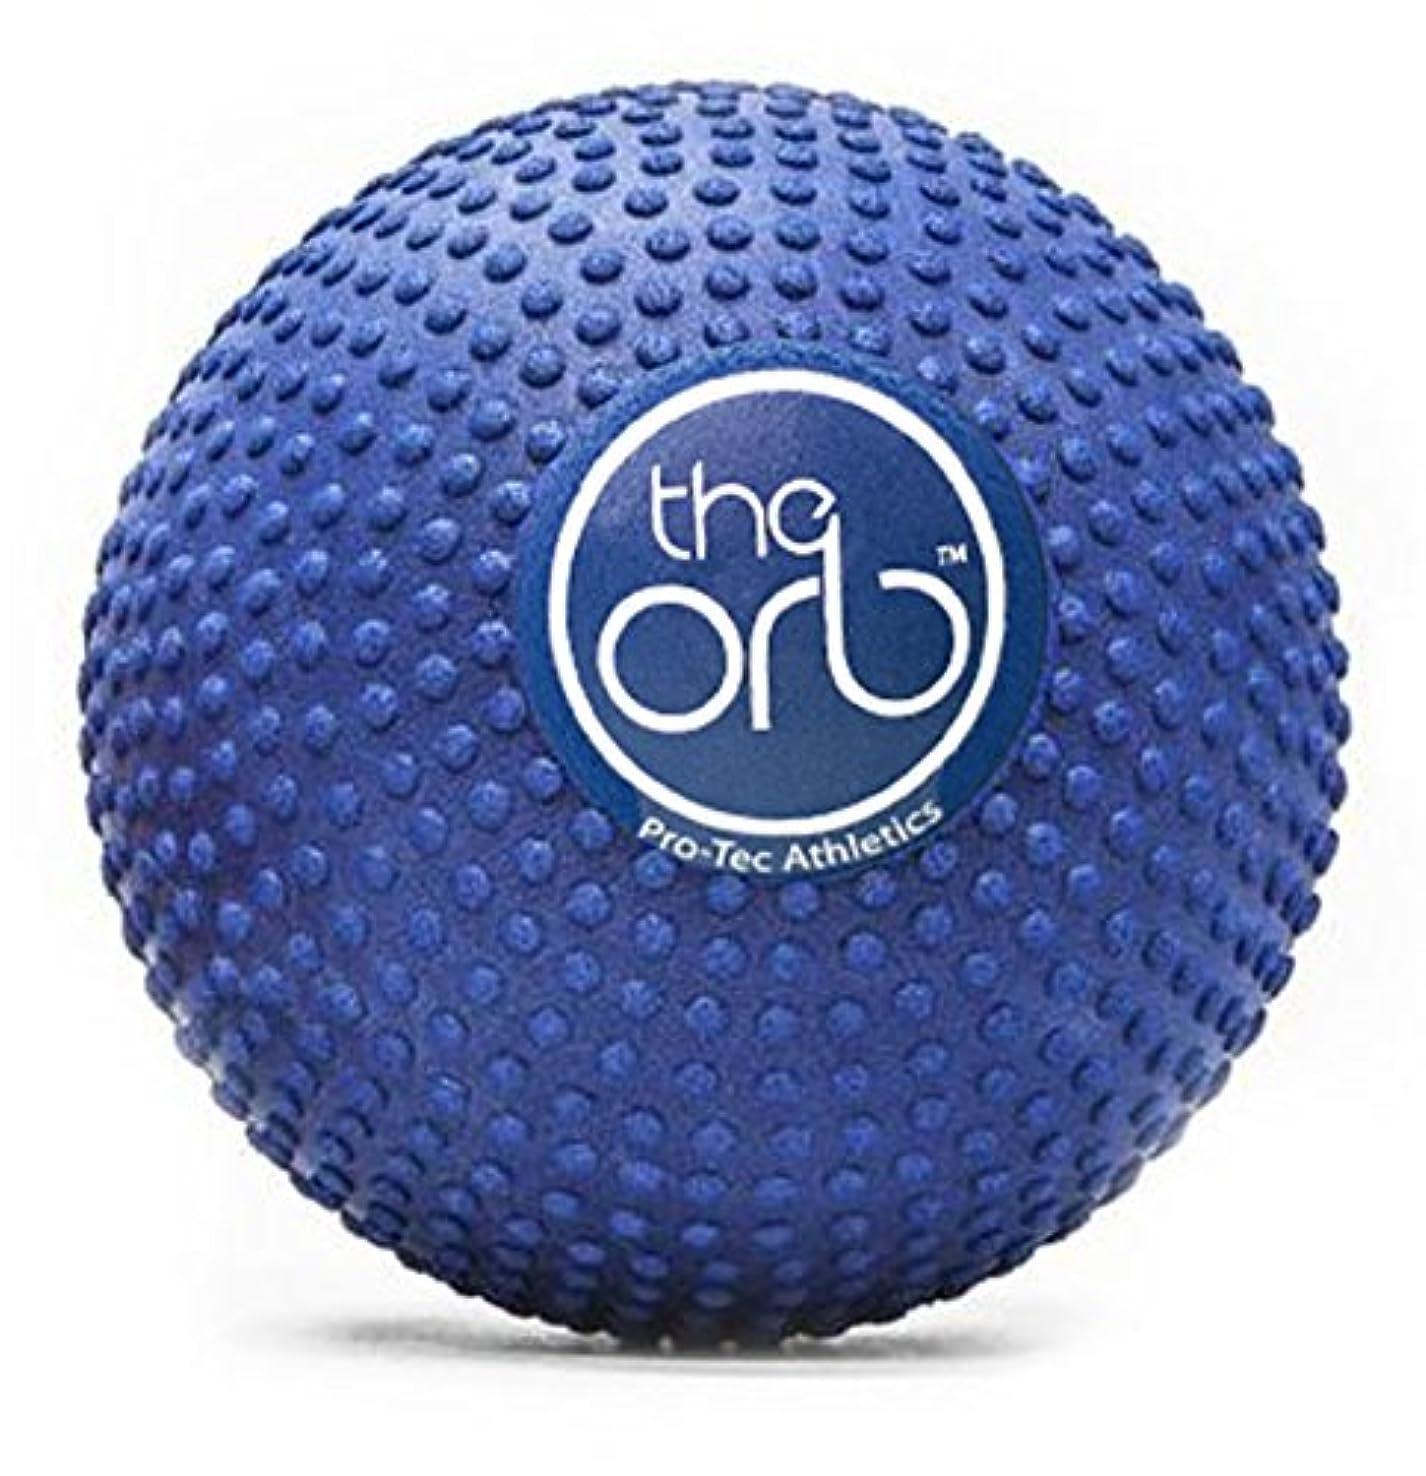 売上高敵意適切にPro-Tec Athletics(プロテックアスレチックス) The Orb 5